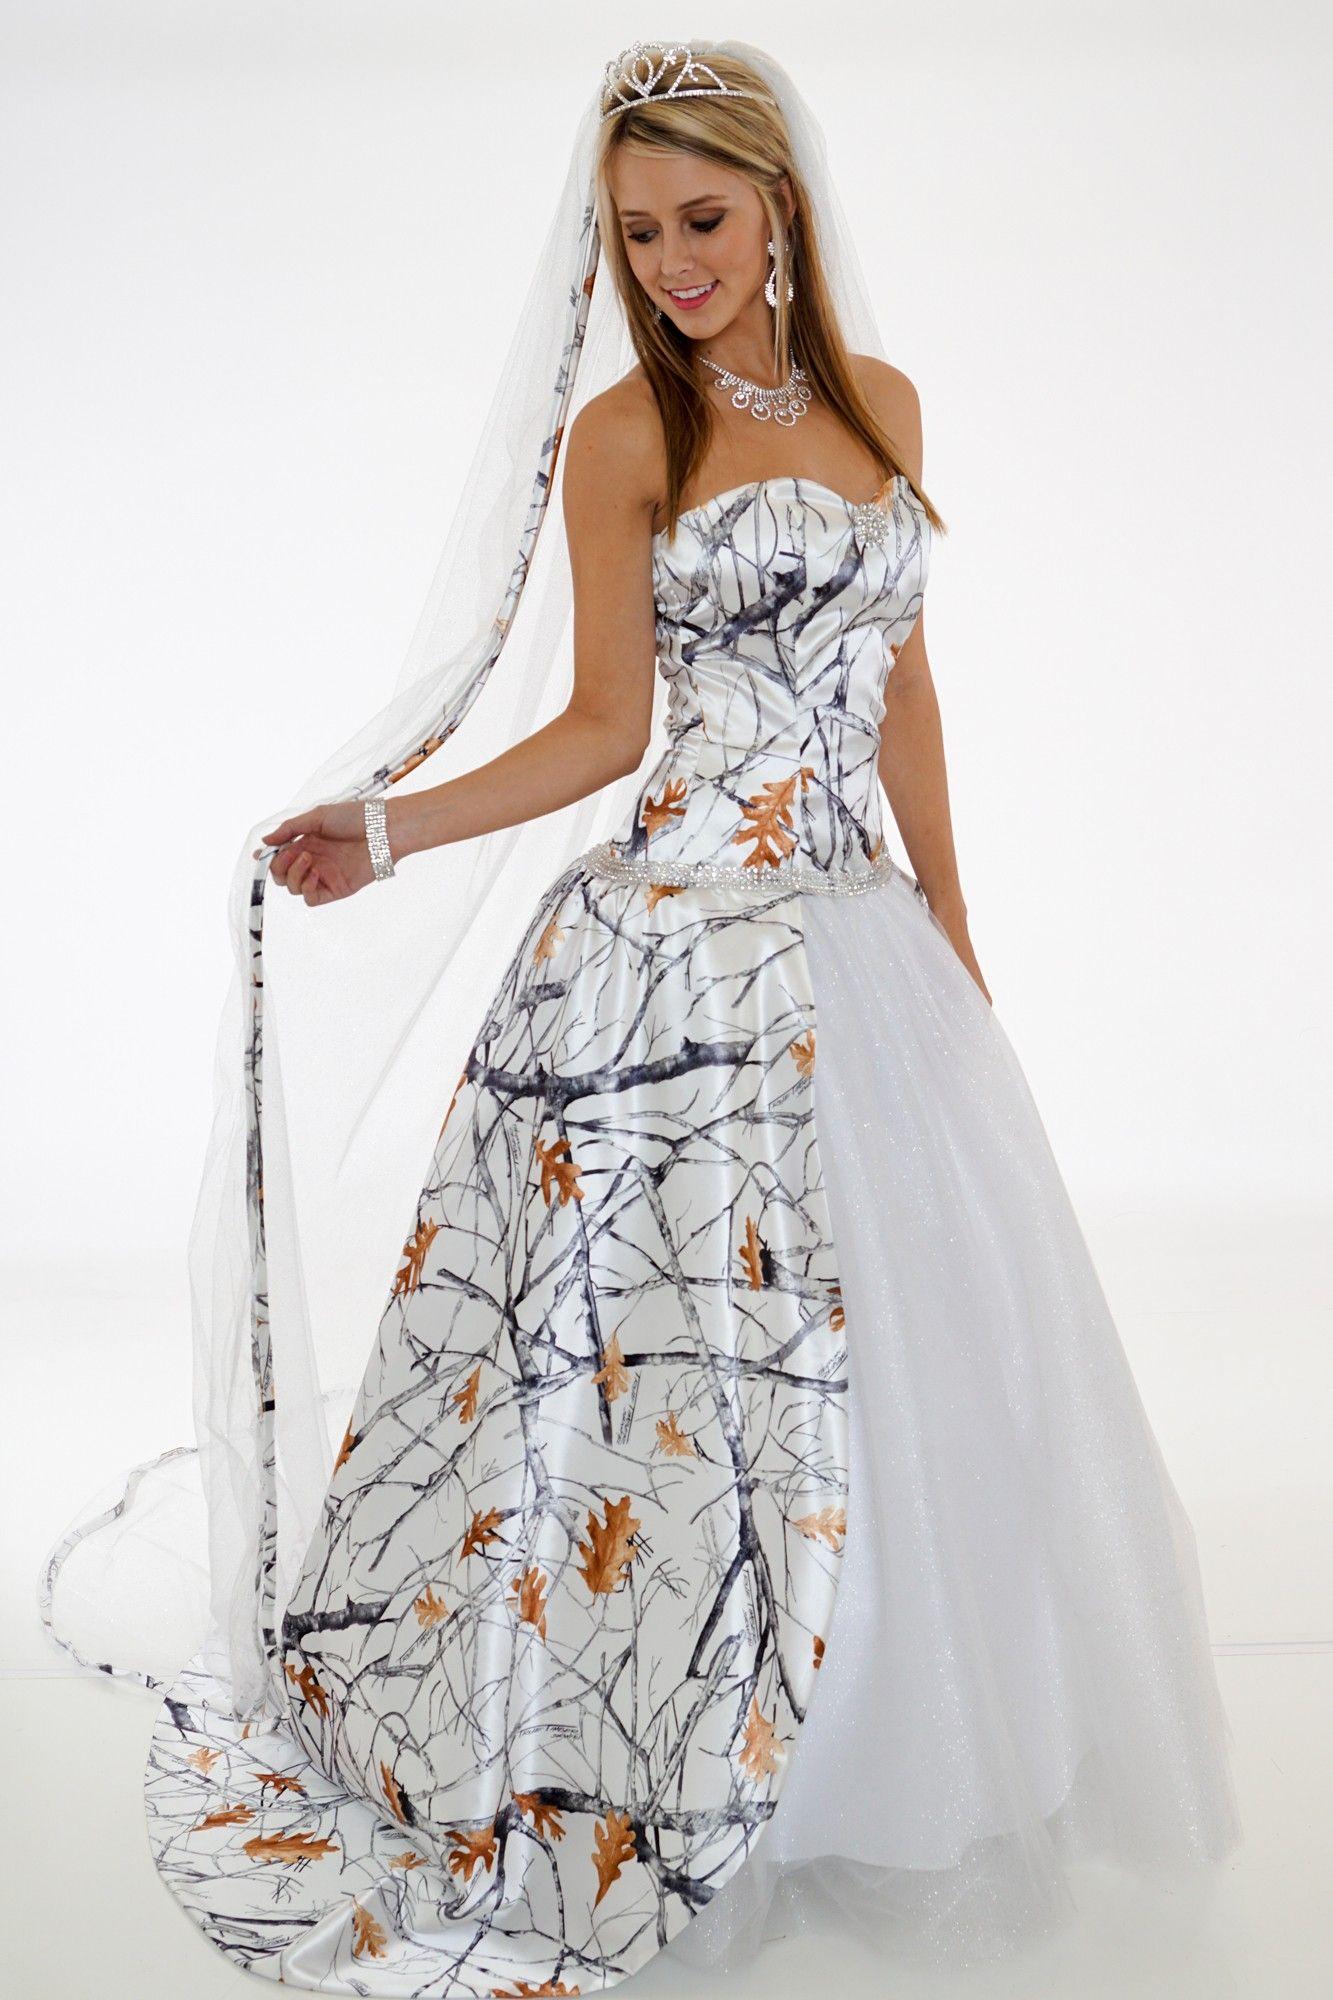 Wedding dresses camo   Camo Wedding Dresses Ideas You Must Love  Camo wedding dresses